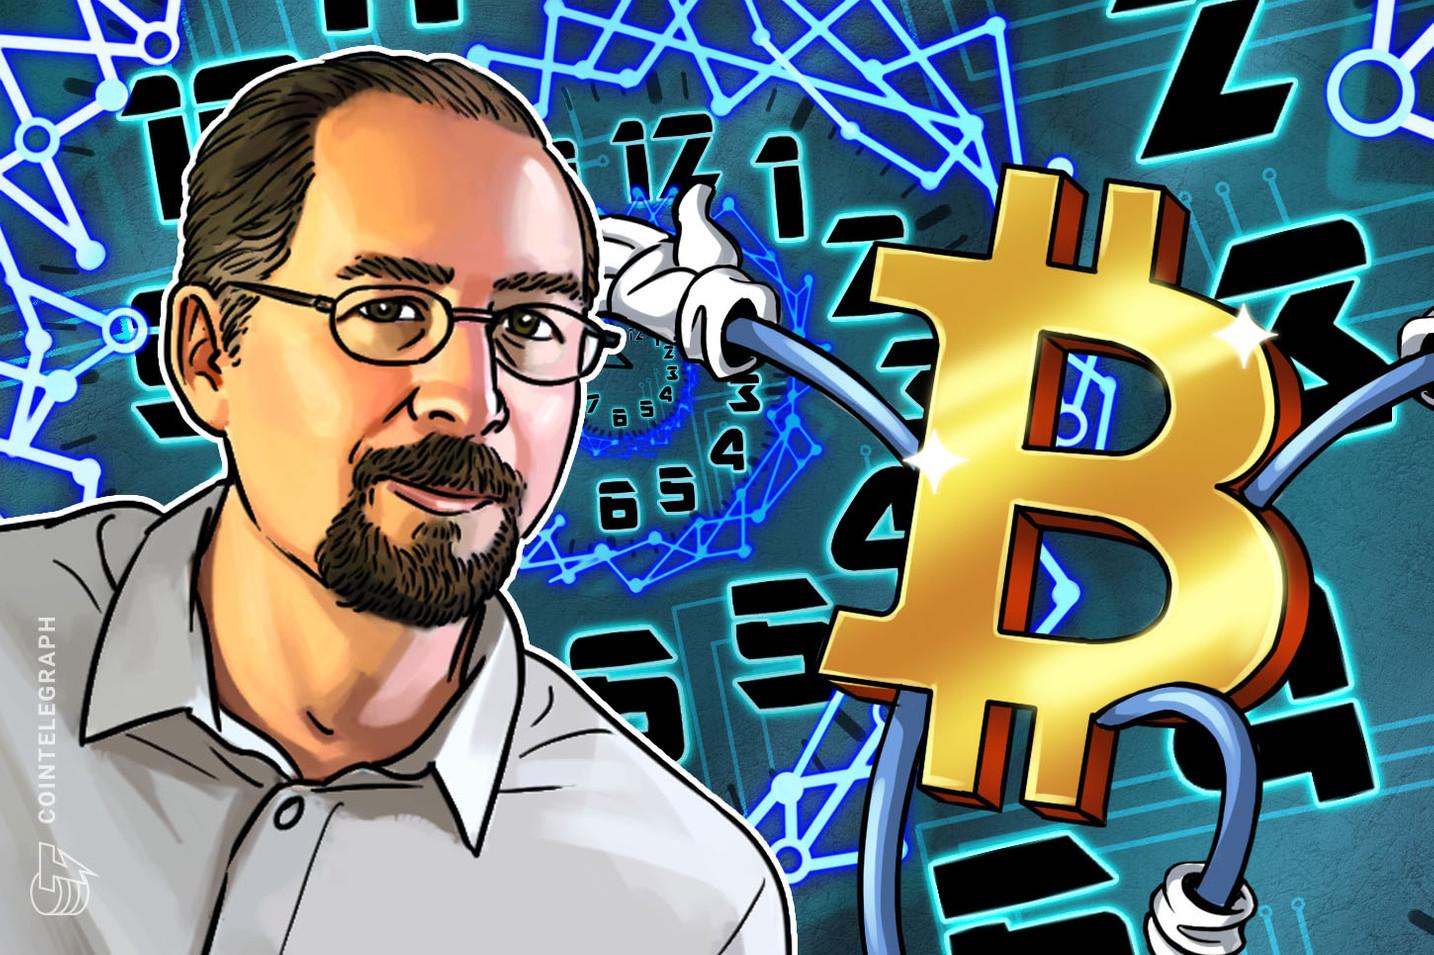 """El """"tiempo de Bitcoin"""" se mueve más rápido que el """"tiempo de Internet"""", dice el inventor del sistema PoW en hashcash Adam Back"""